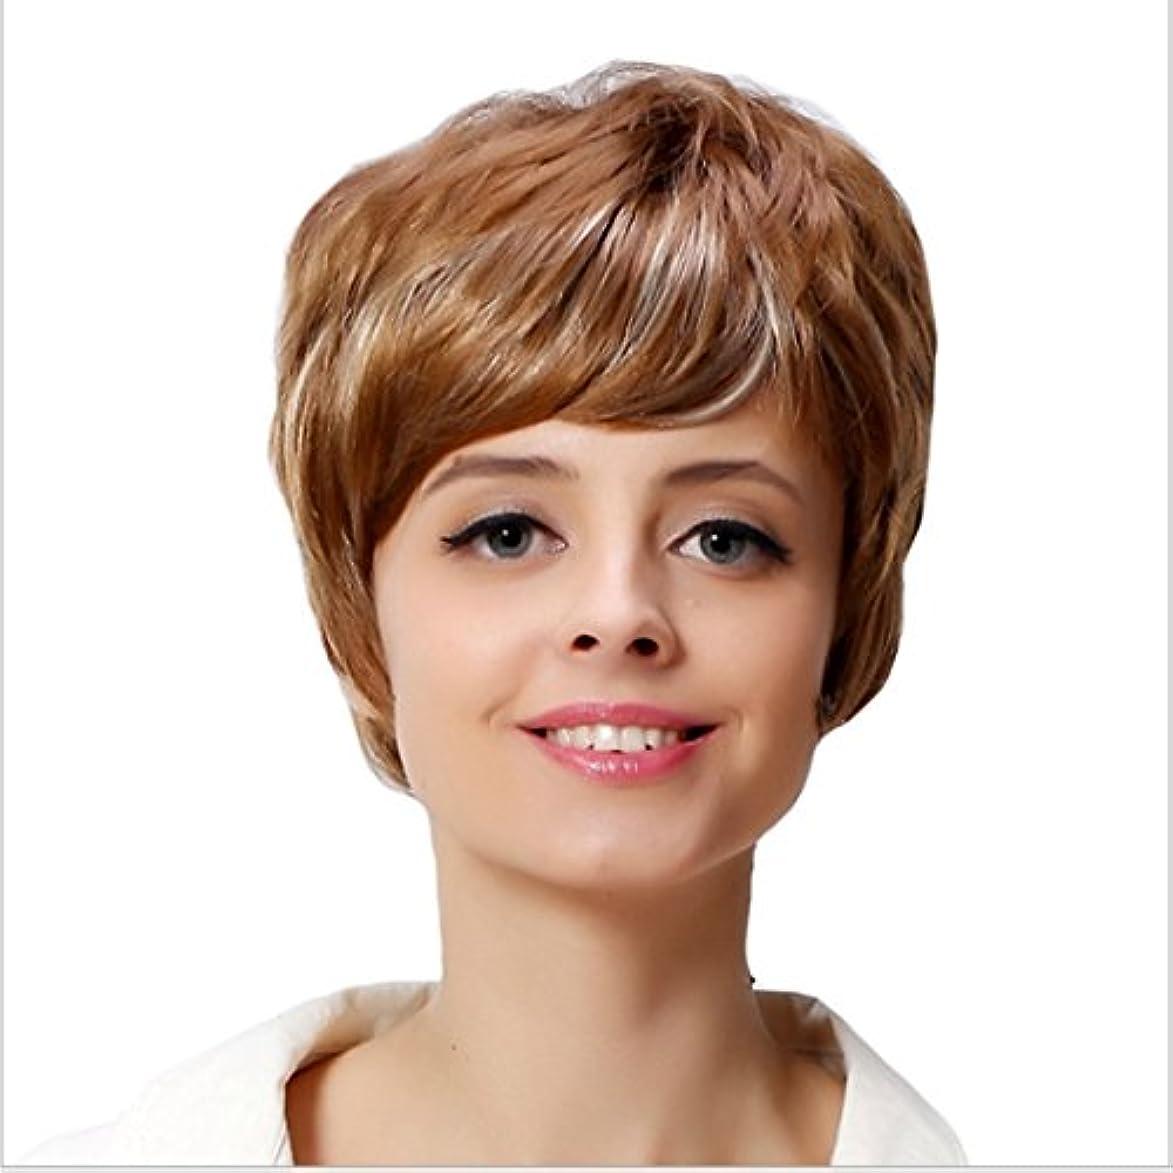 セレナミュートすでにYOUQIU ホワイト女性のためのフラット前髪毛180グラムかつらを持つ女性カーリー耐熱ウィッグのために10インチ/ 12インチショートウェーブゴールドウィッグ (サイズ : 10inch)